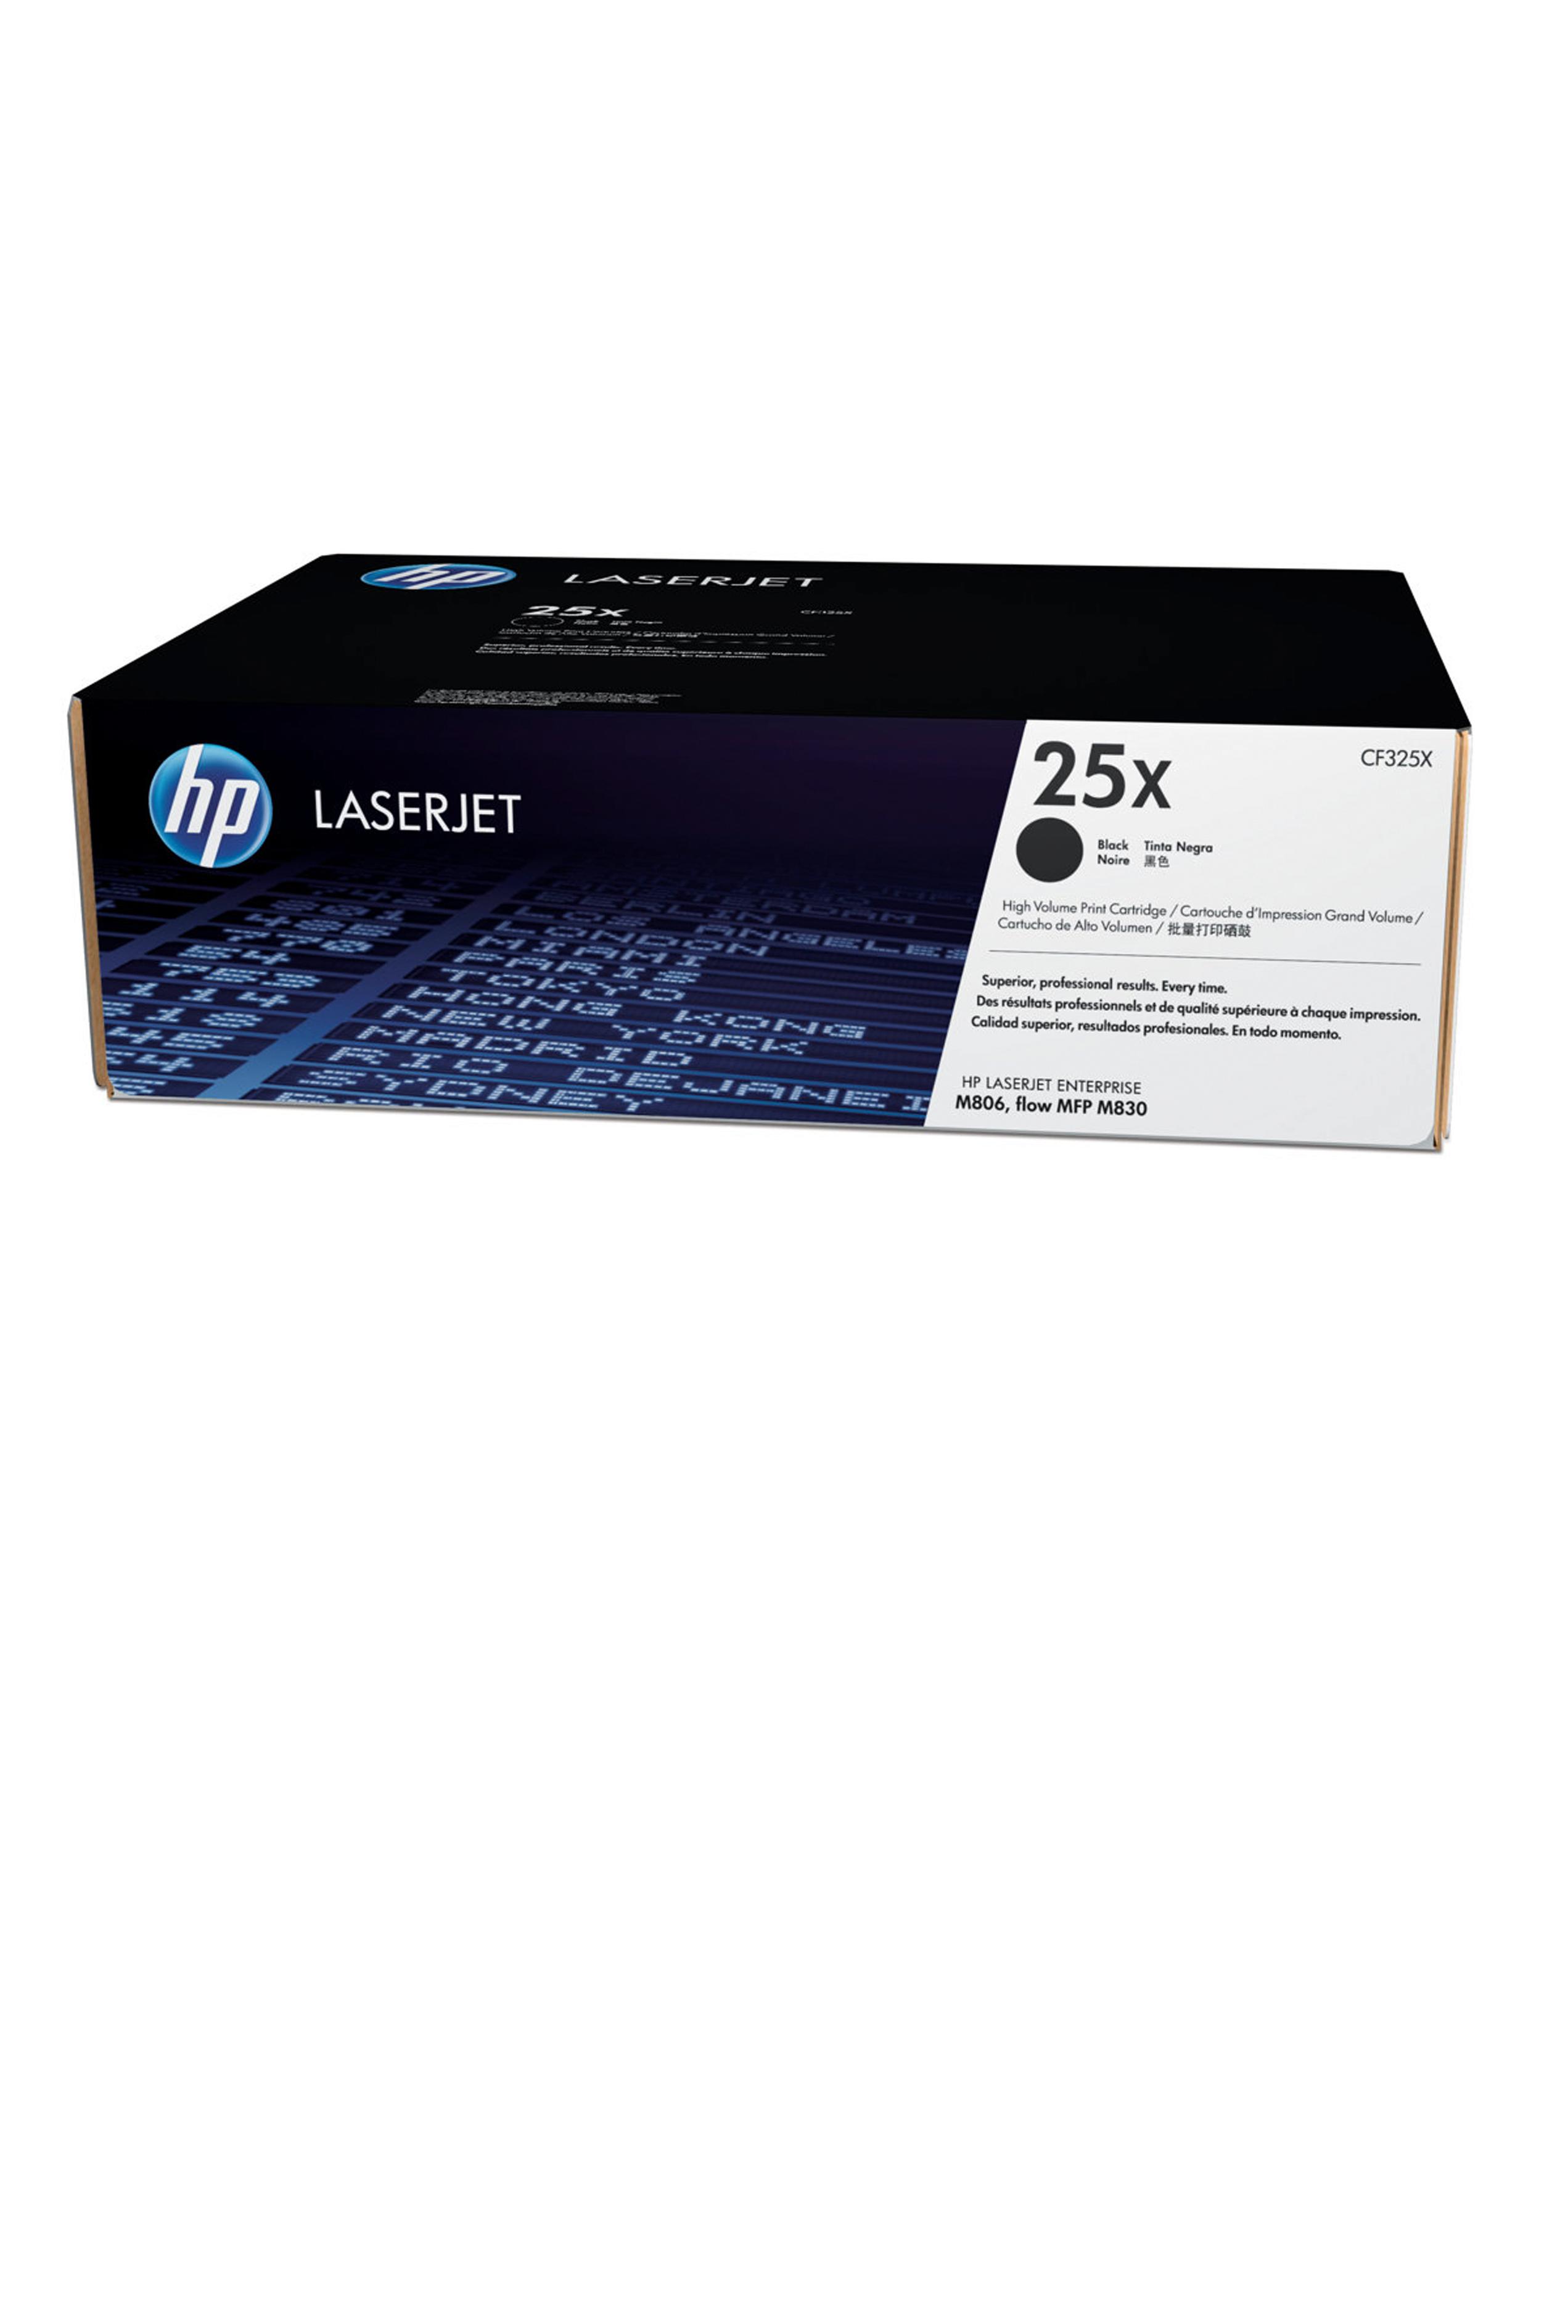 HP Laserjet Print cartridge (CF325XC)